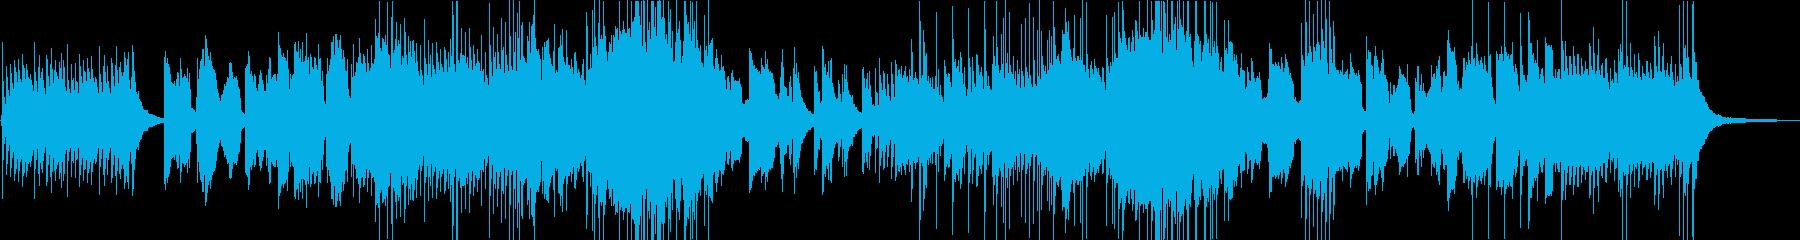 澄みわたる生篠笛が印象的な和風ポップスの再生済みの波形